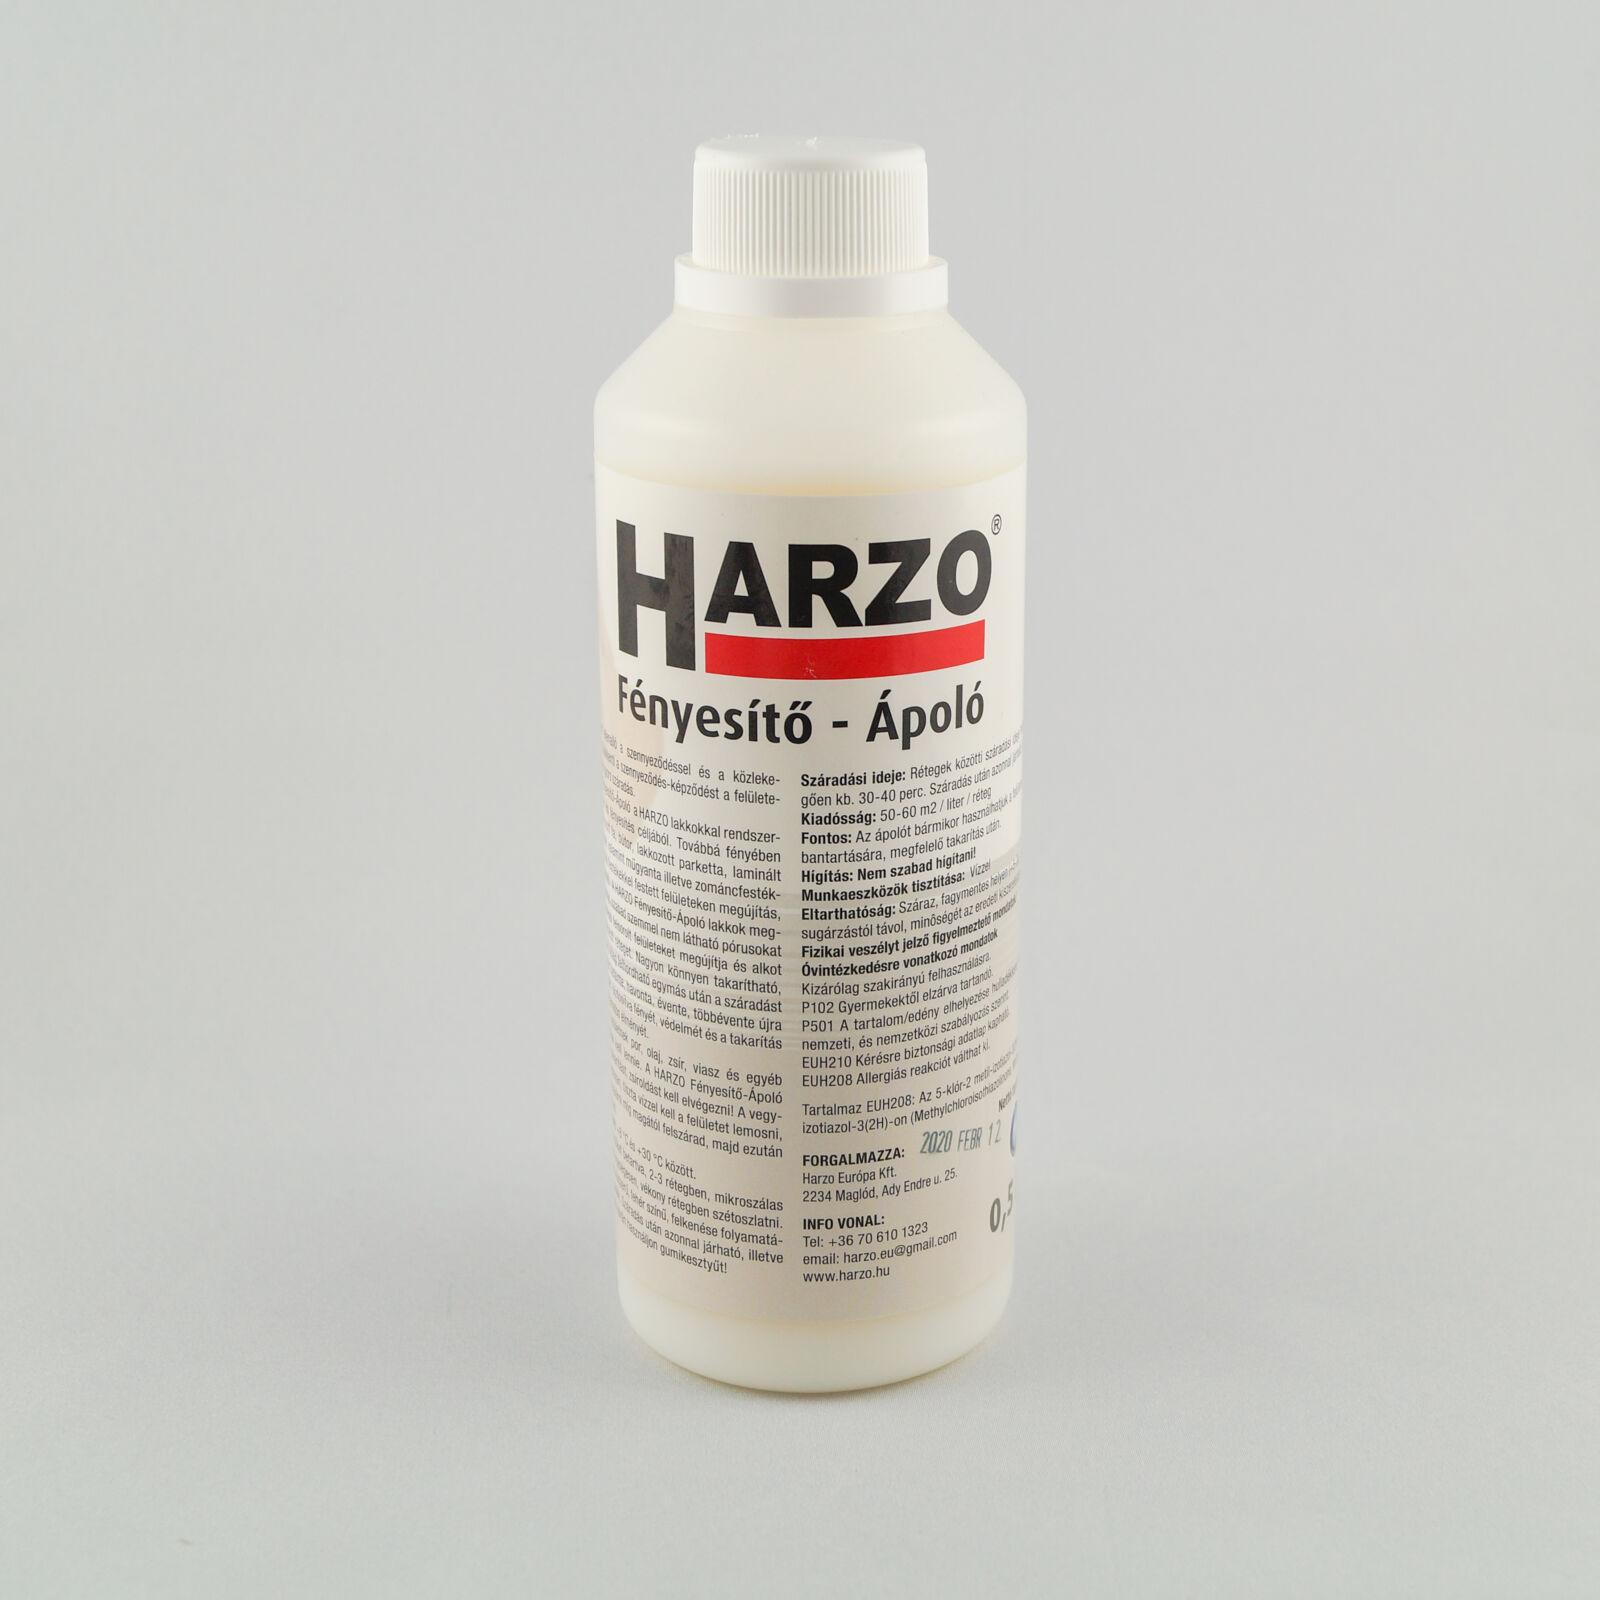 HARZO-Fényesítő Ápoló [0.5 l]